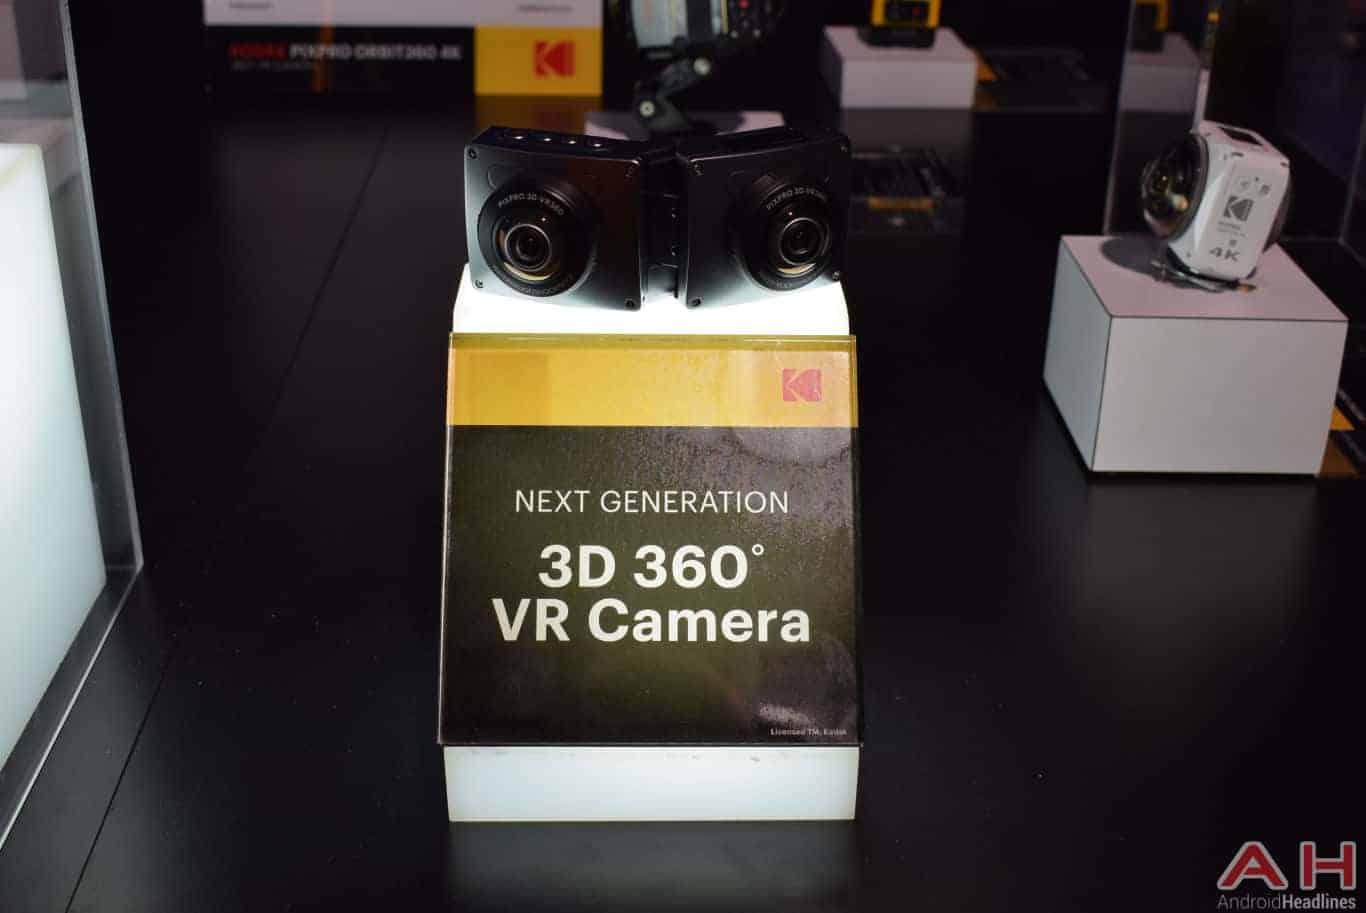 kodak PIXPRO 3D 360 VR Camera CES 2018 AH 1